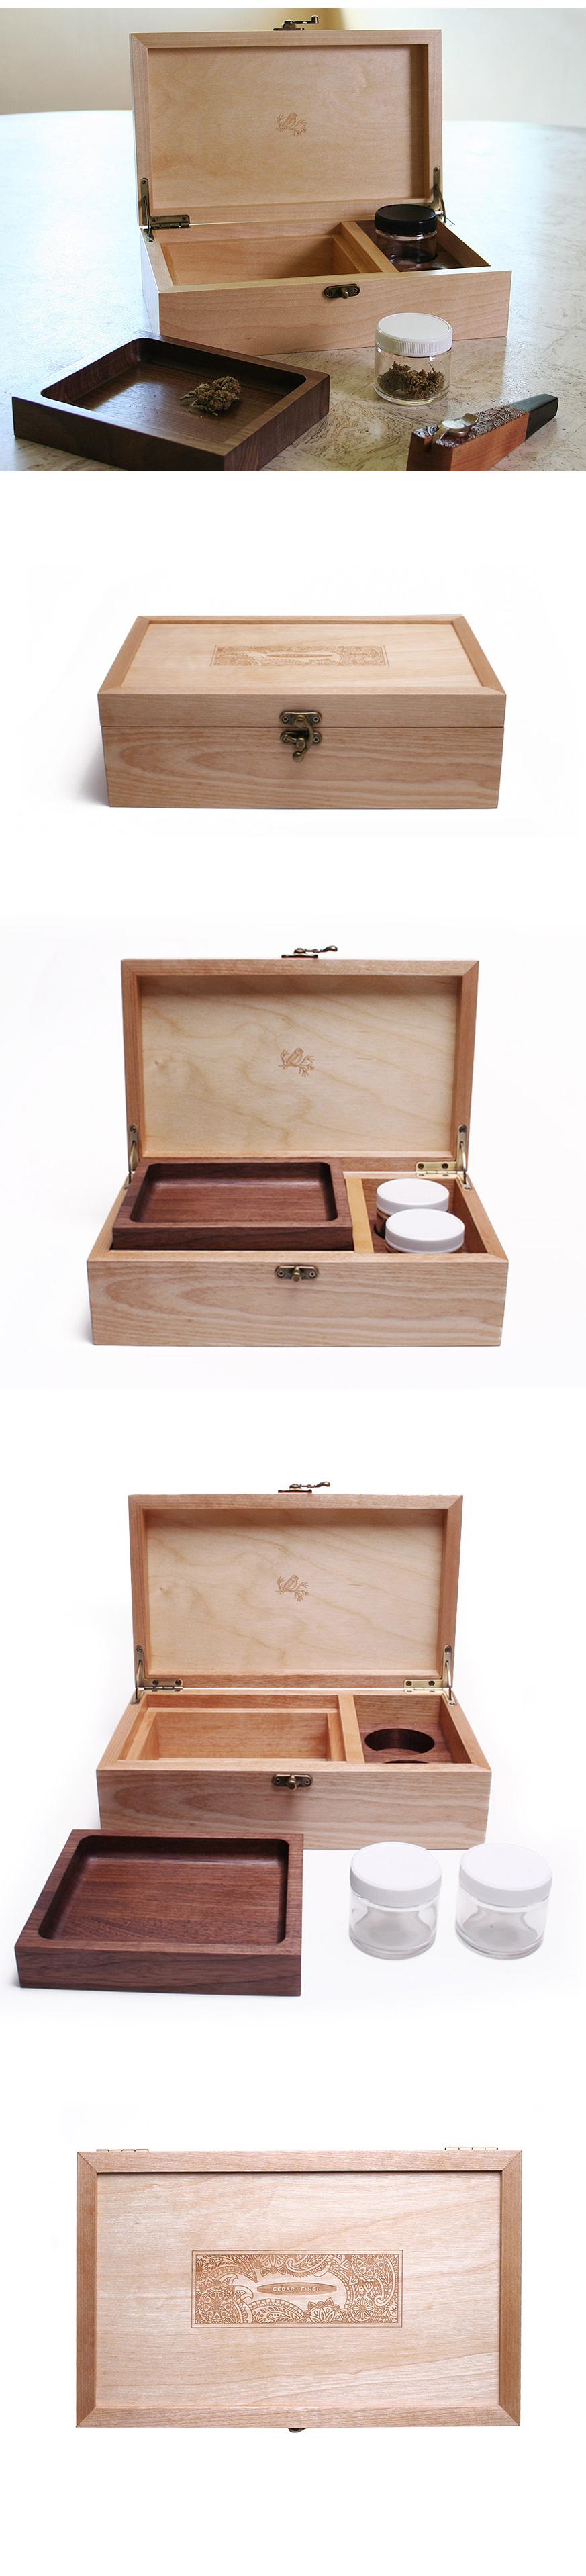 Luxury handmade stash box by Cedar & Finch.